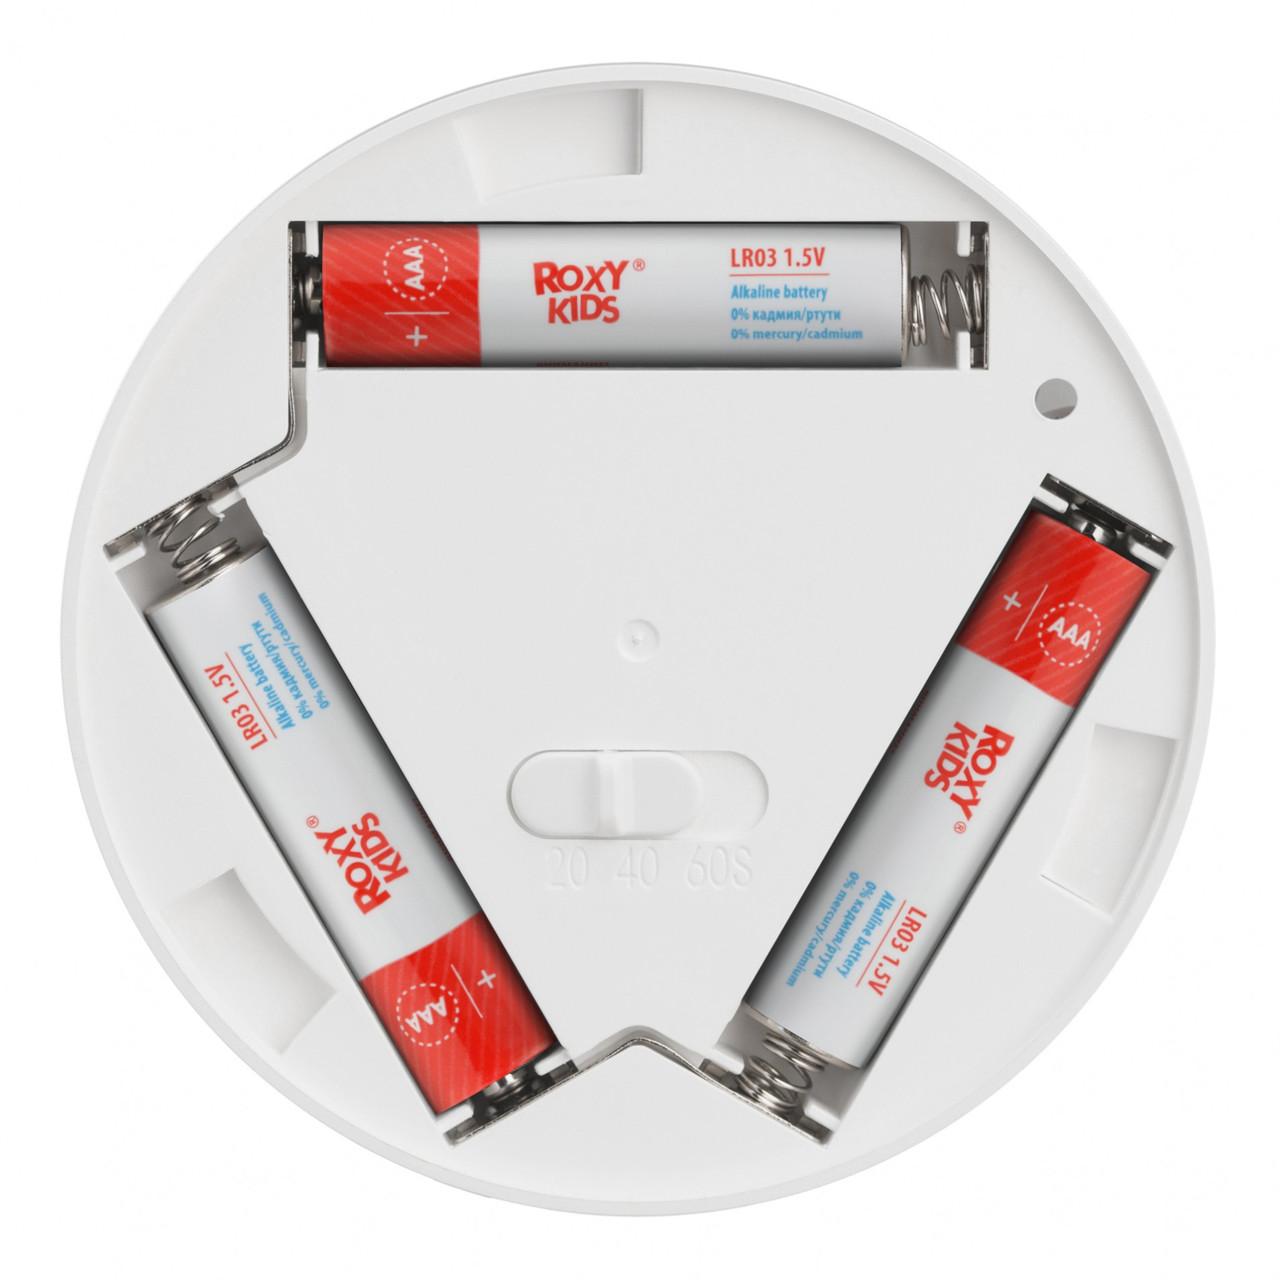 Ночник с датчиками движения и освещения (на батарейках) - фото 4